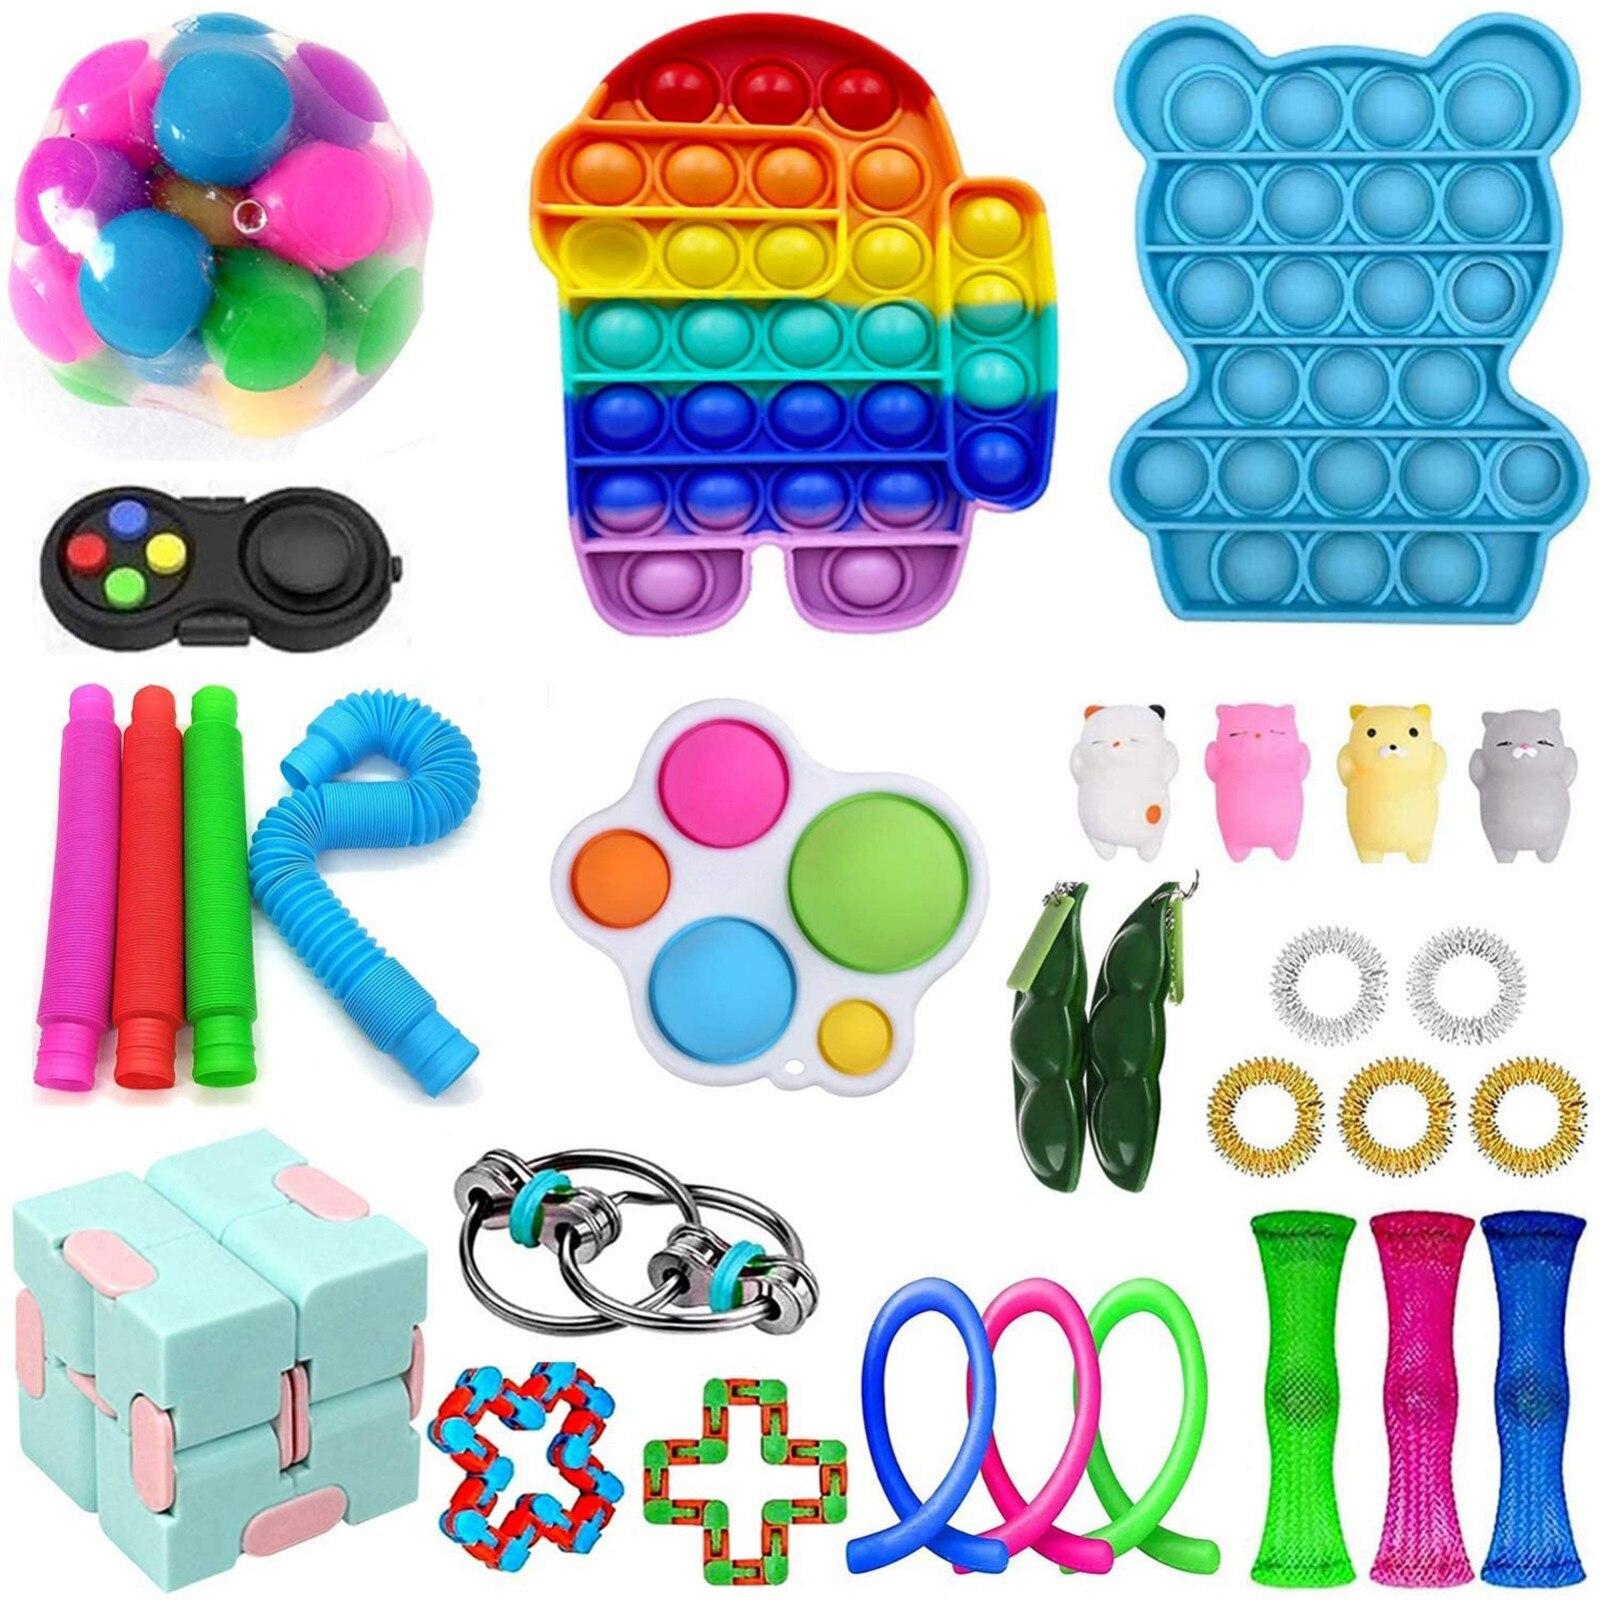 2021 Новый 17 Стиль беспокойная игрушка по дешевым ценам сенсорная Непоседа упаковка игрушек для детей и взрослых мягкие сенсорные антистресс...